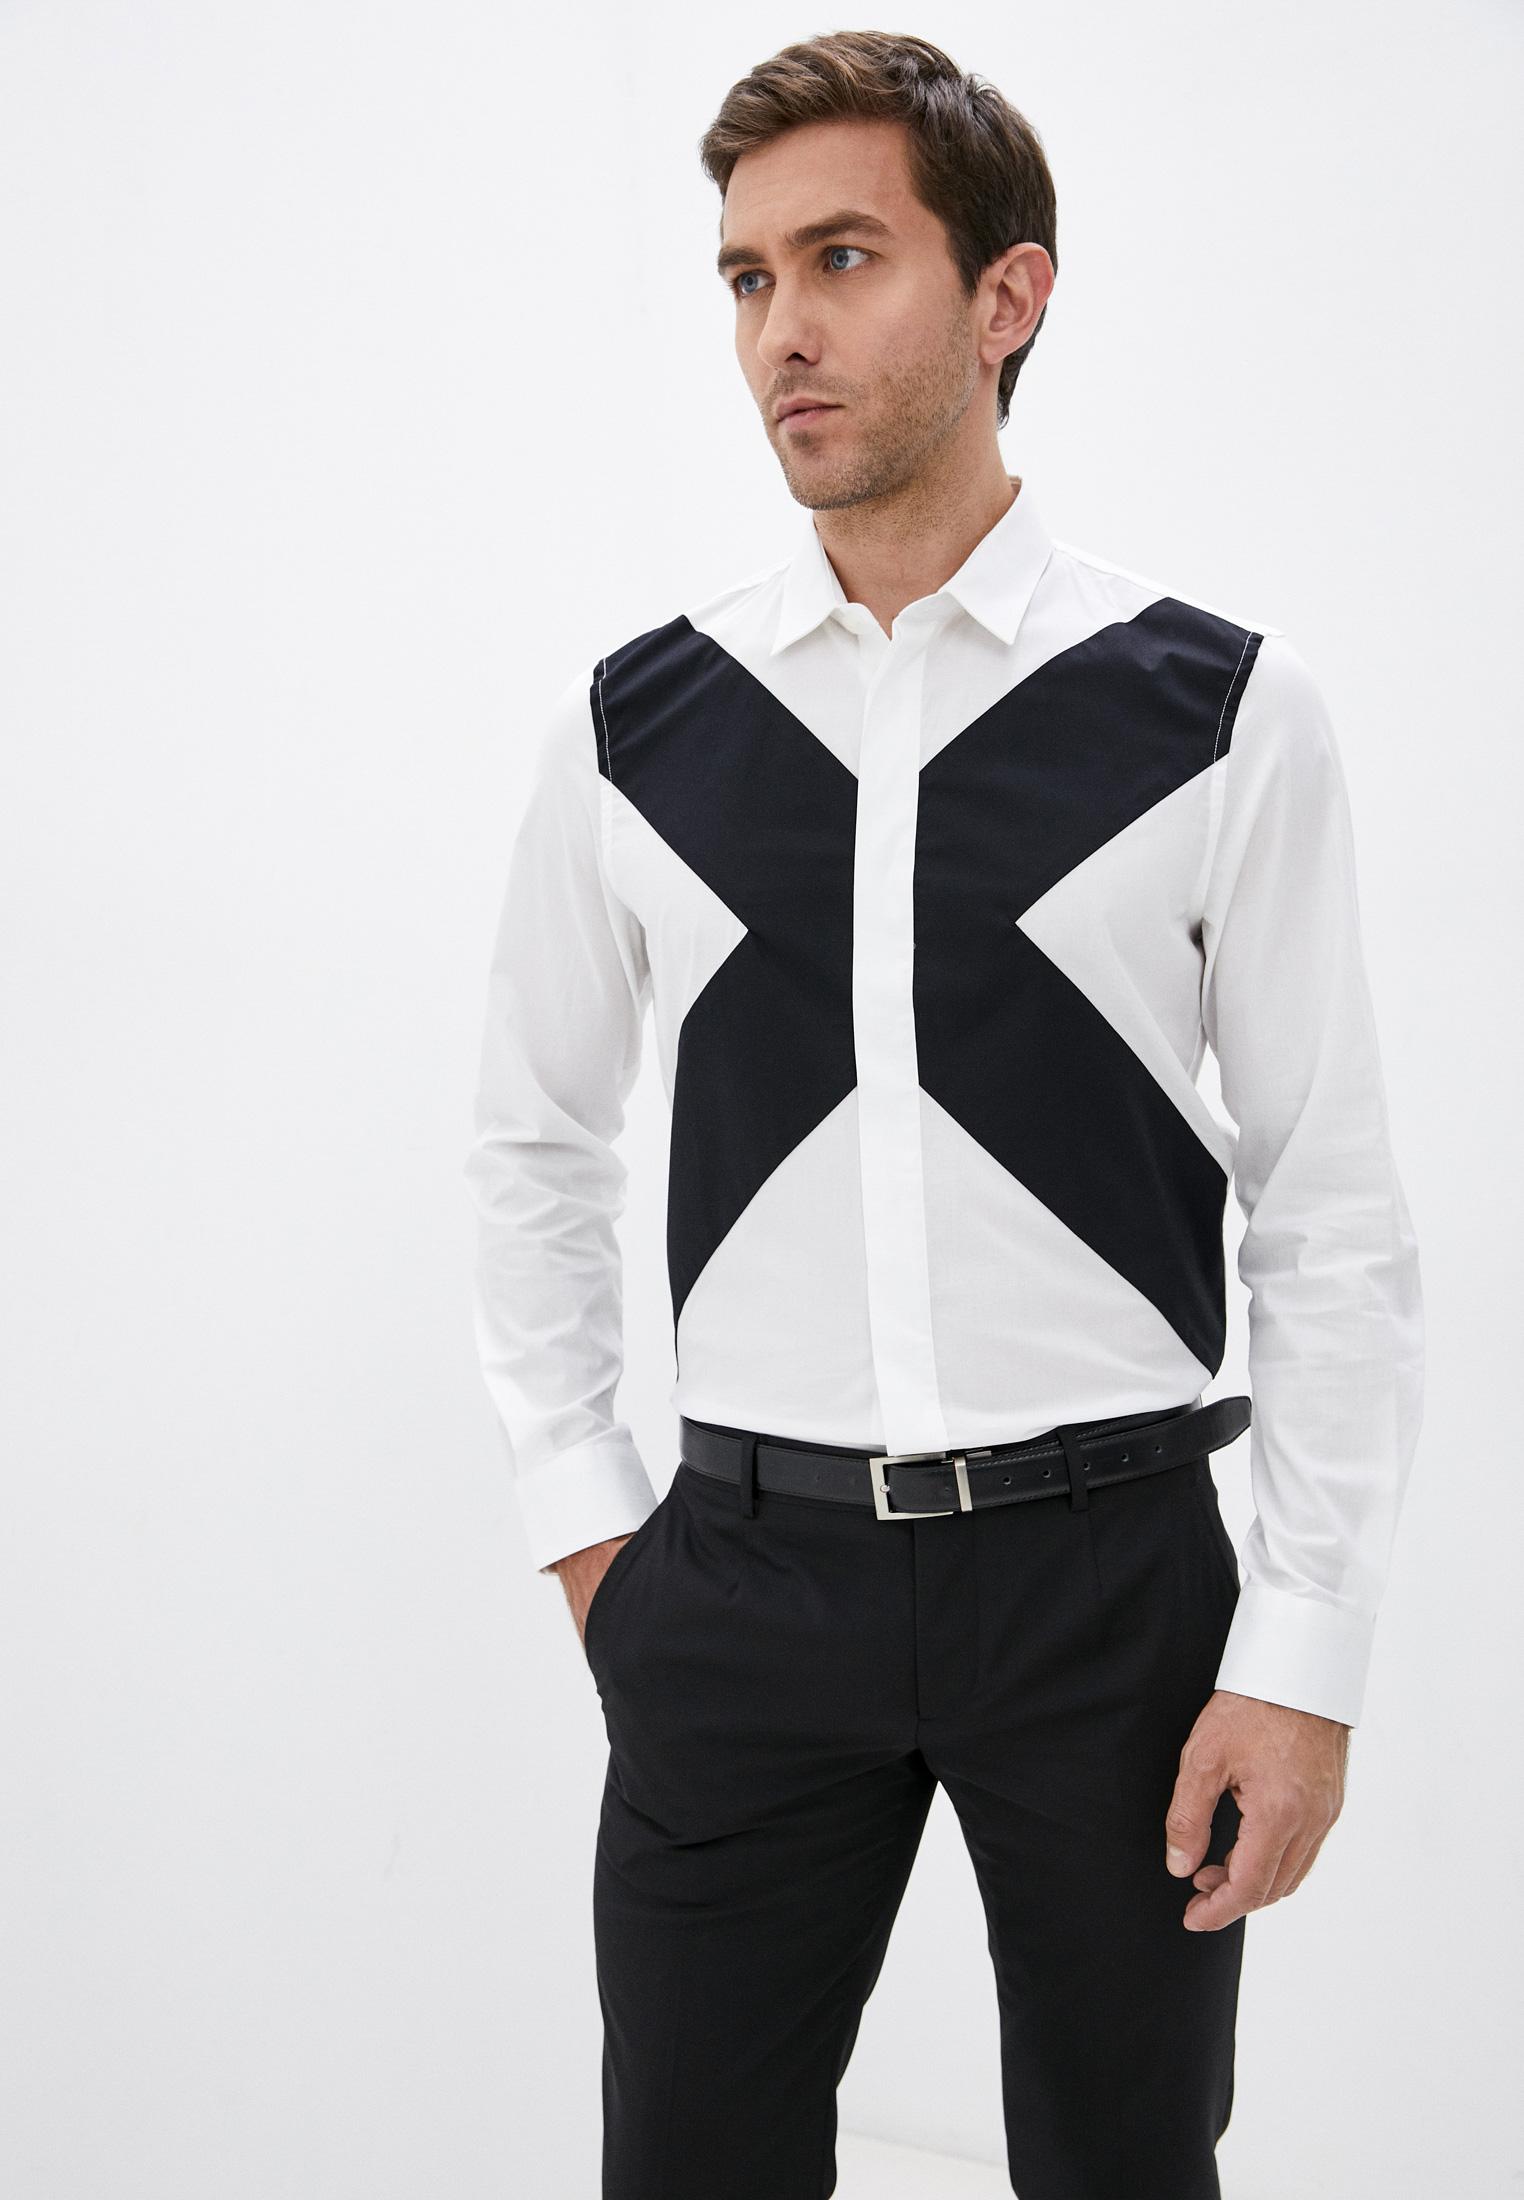 Рубашка с длинным рукавом Dirk Bikkembergs Рубашка Dirk Bikkembergs